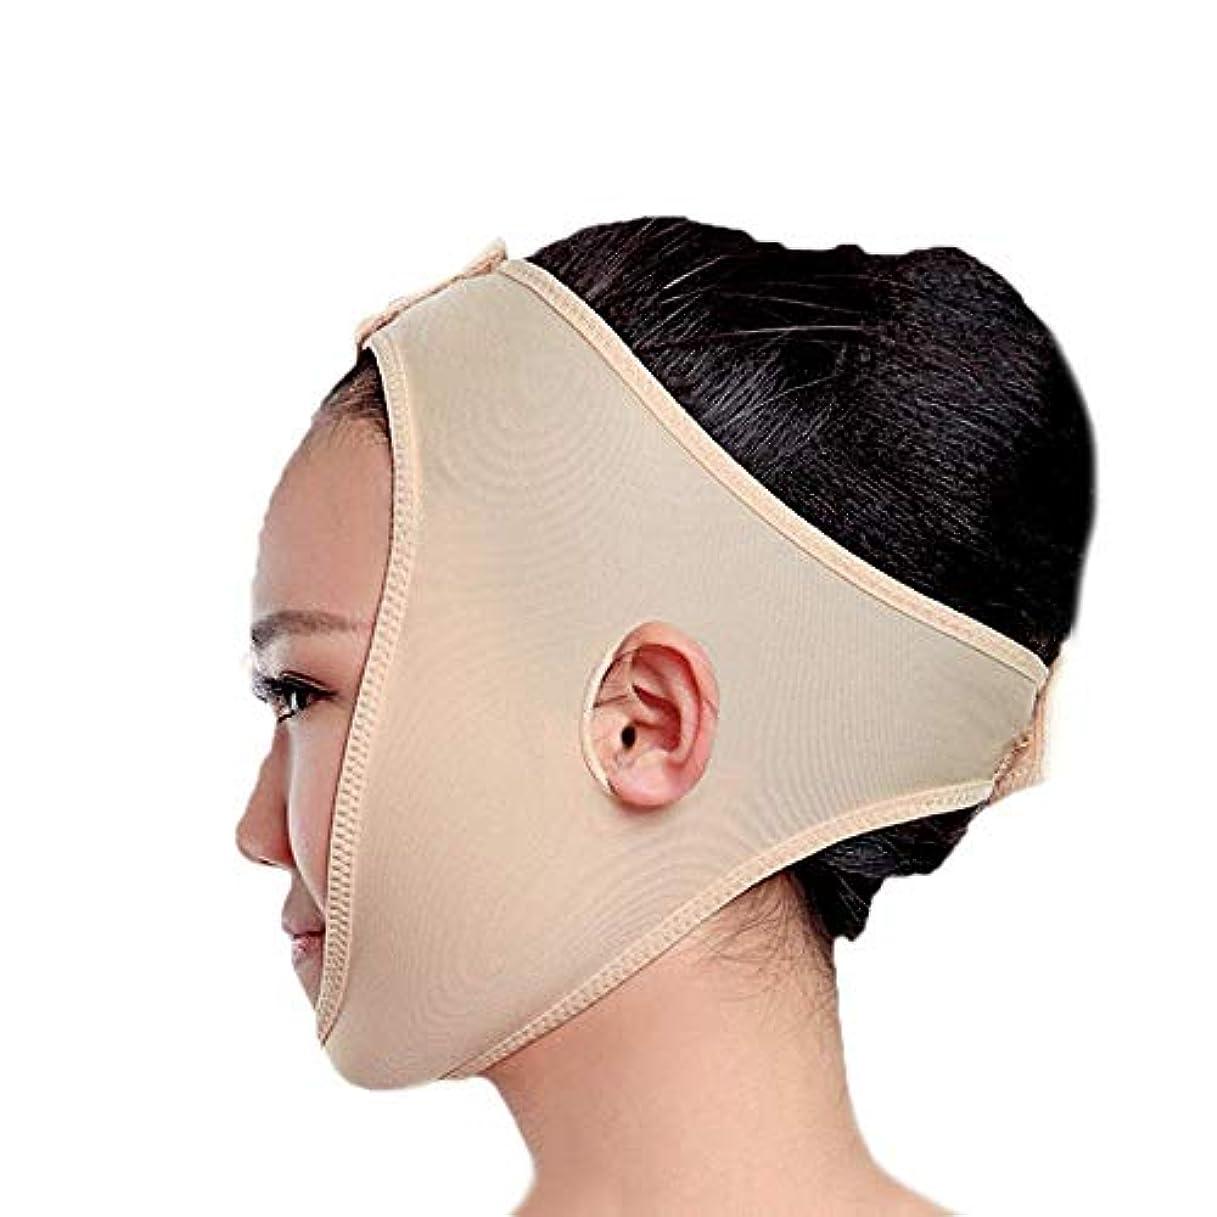 化学者うめきトレイフェイススリミングマスク、快適さと通気性、フェイシャルリフティング、輪郭の改善された硬さ、ファーミングとリフティングフェイス(カラー:ブラック、サイズ:XL),黄色がかったピンク2、XL